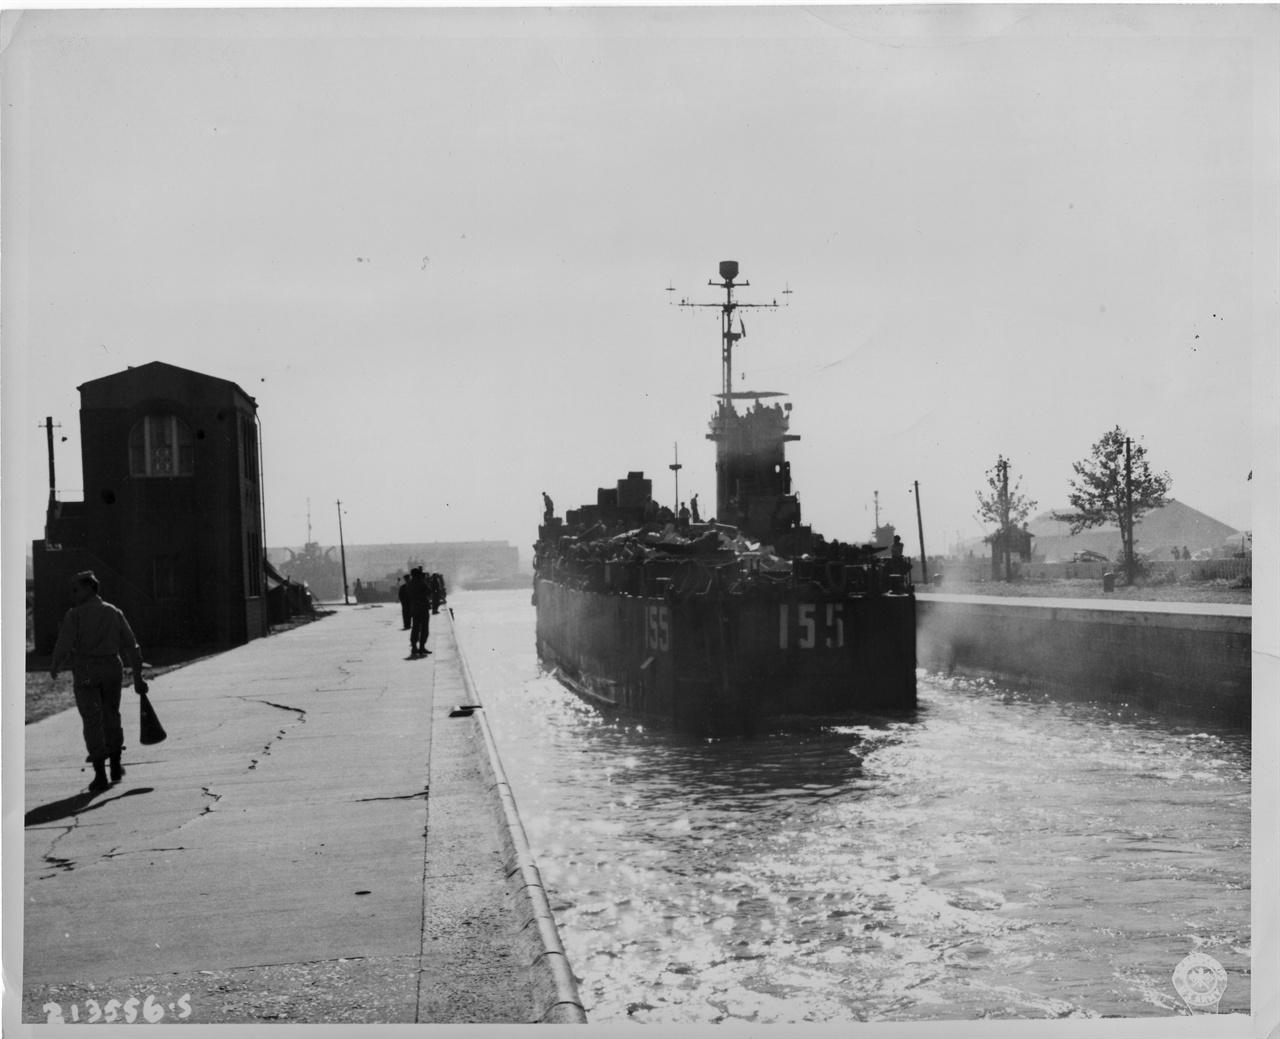 1945. 9. 28. 인천. 30년 전, 미국인 기술자의 손으로 건설한 인천항 도크에 미군 군함이 들어오고 있다.